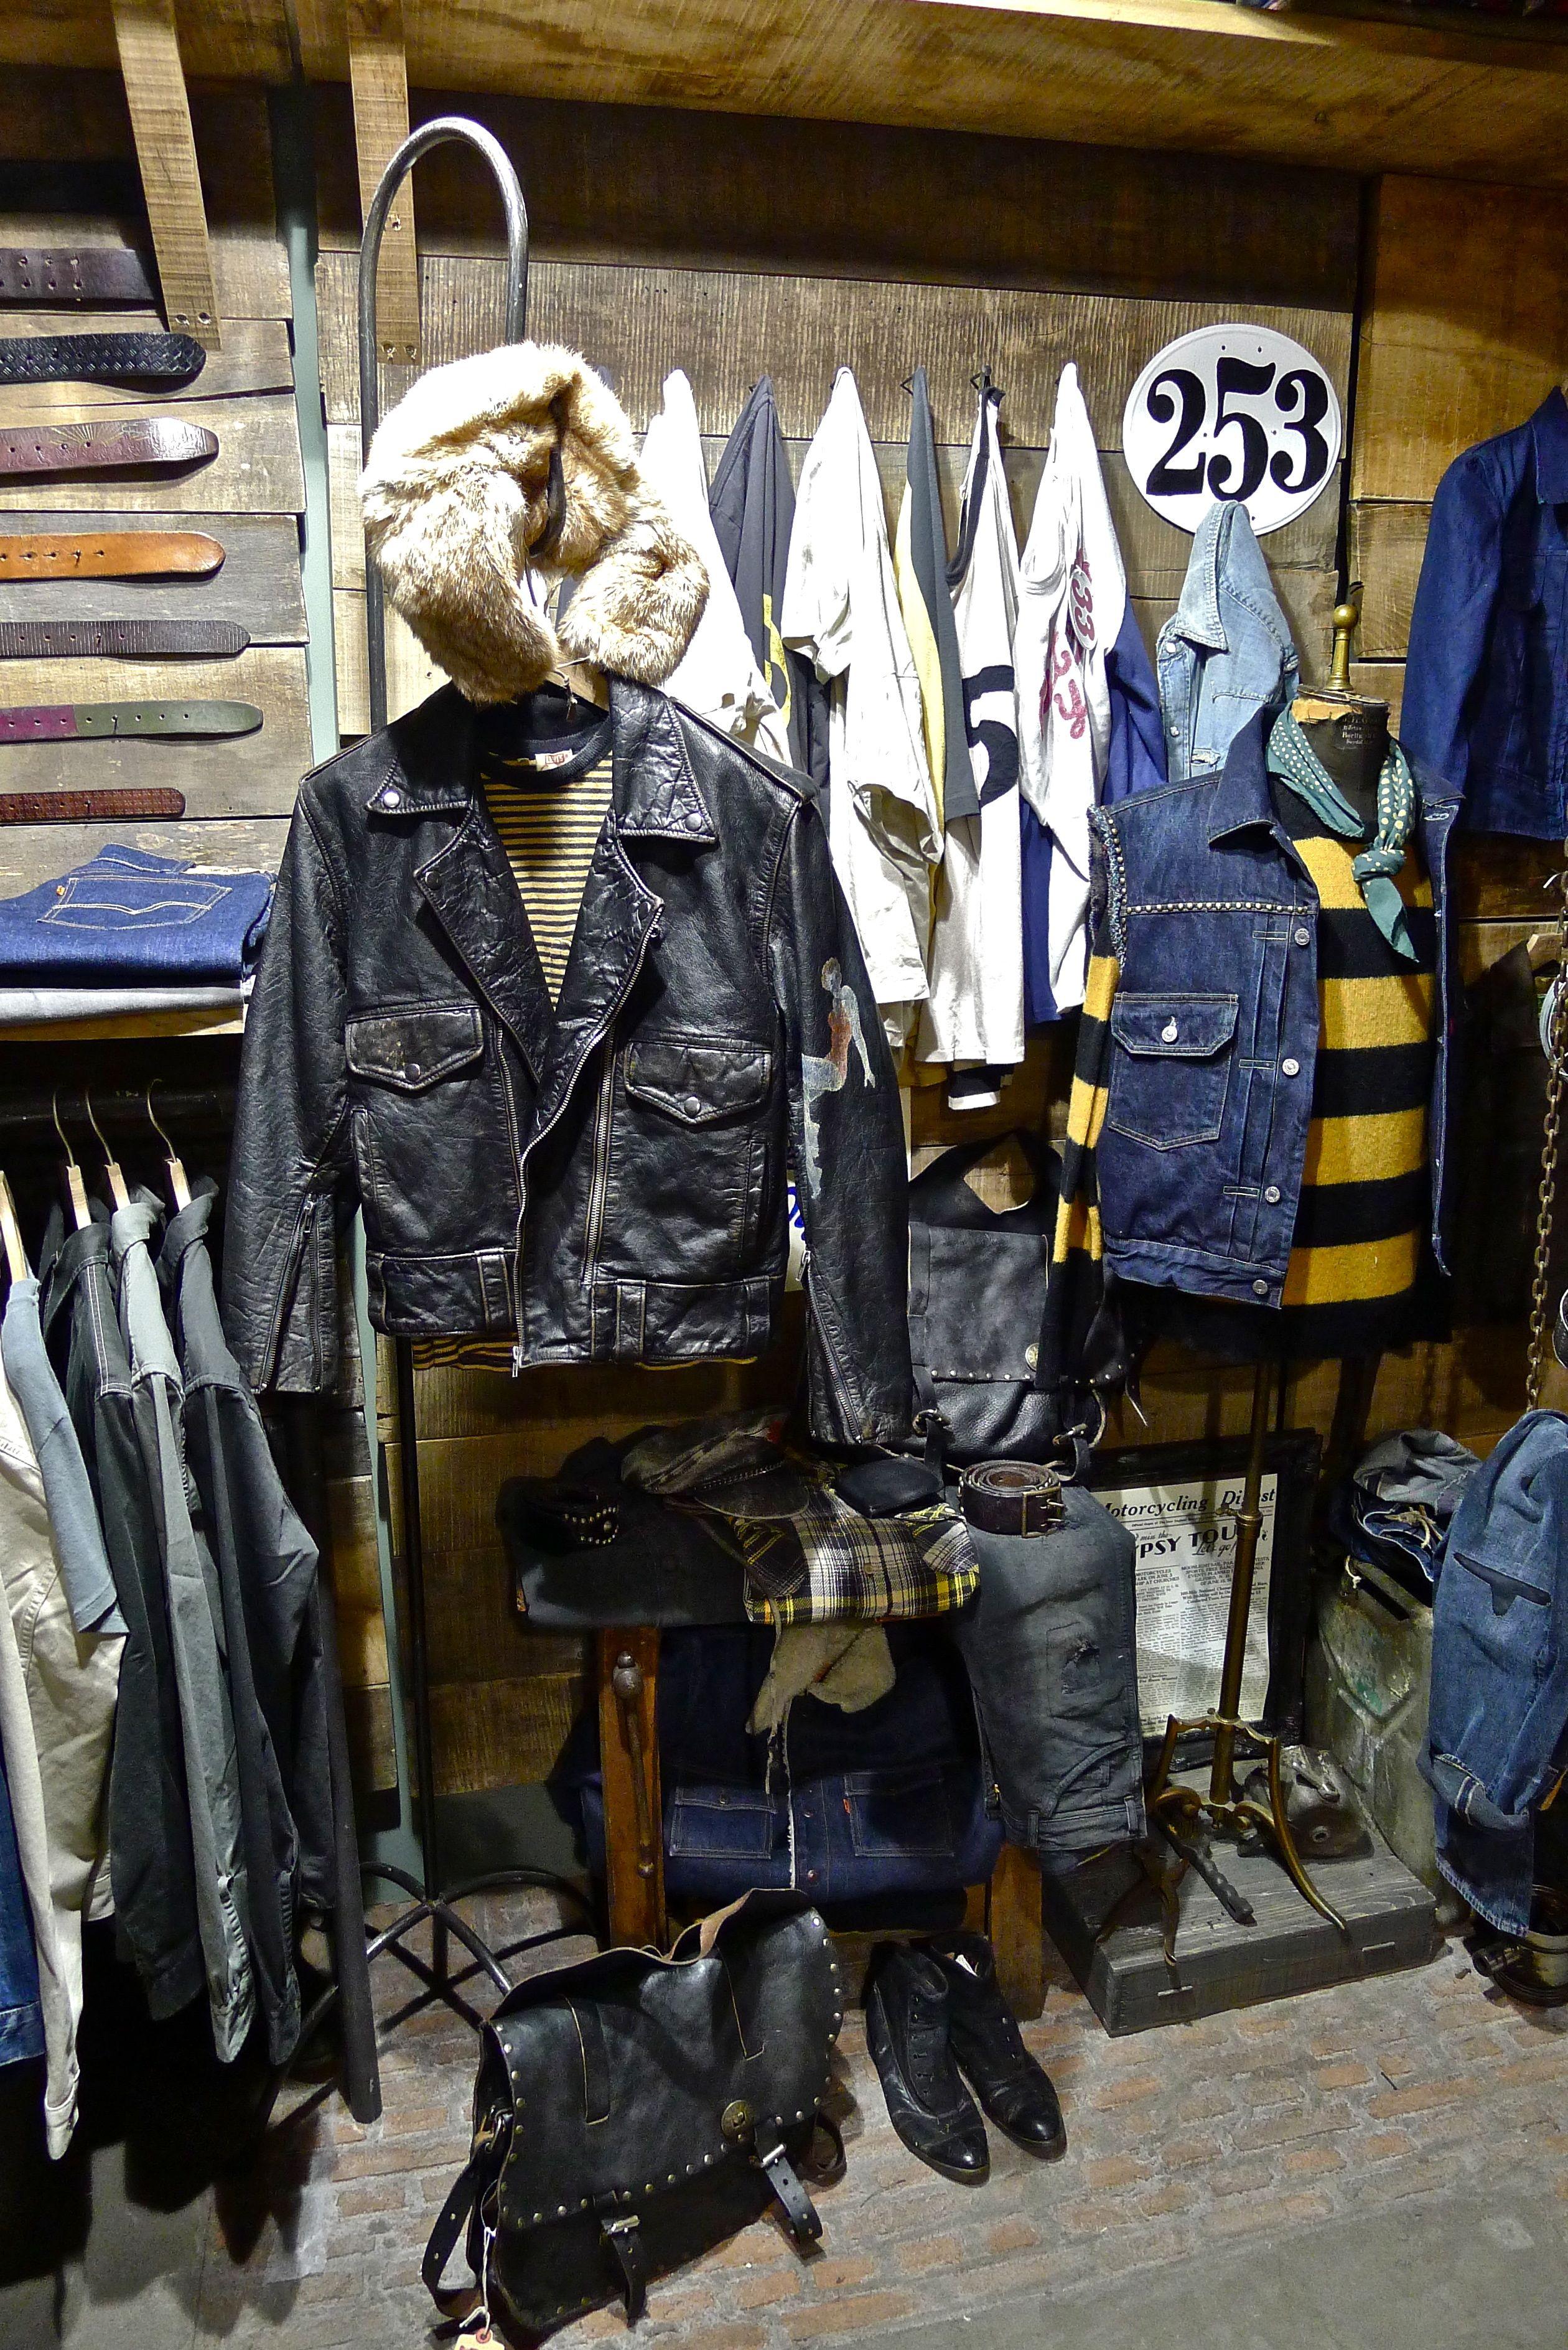 Ingrosso Abbigliamento Vintage Prato ~ Ingrosso abbigliamento usato gt  vintage clothing wholesale 8e3dcf50b96f